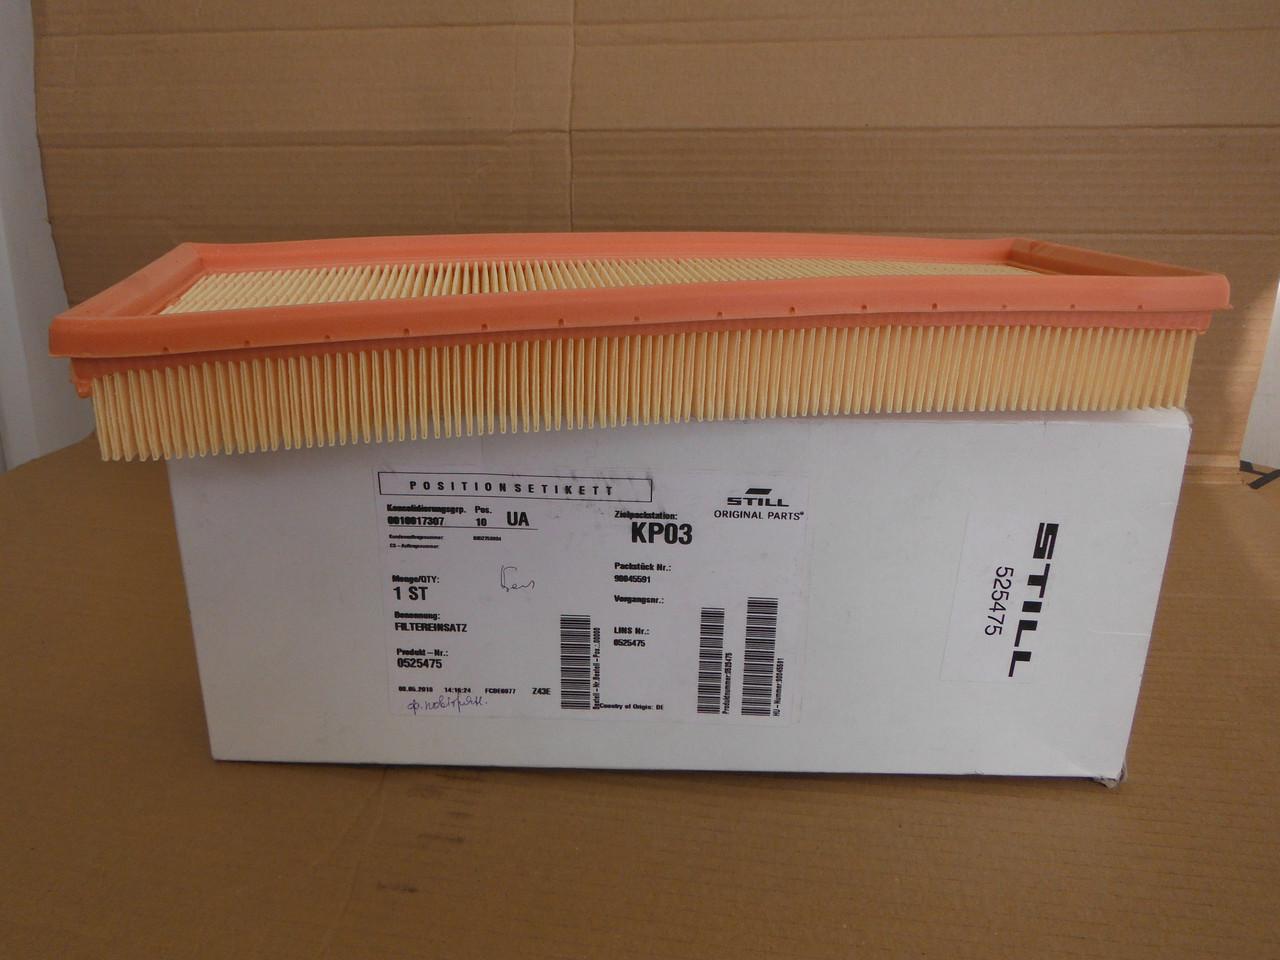 STILL 0525475 фильтр воздушный / фільтр повітряний